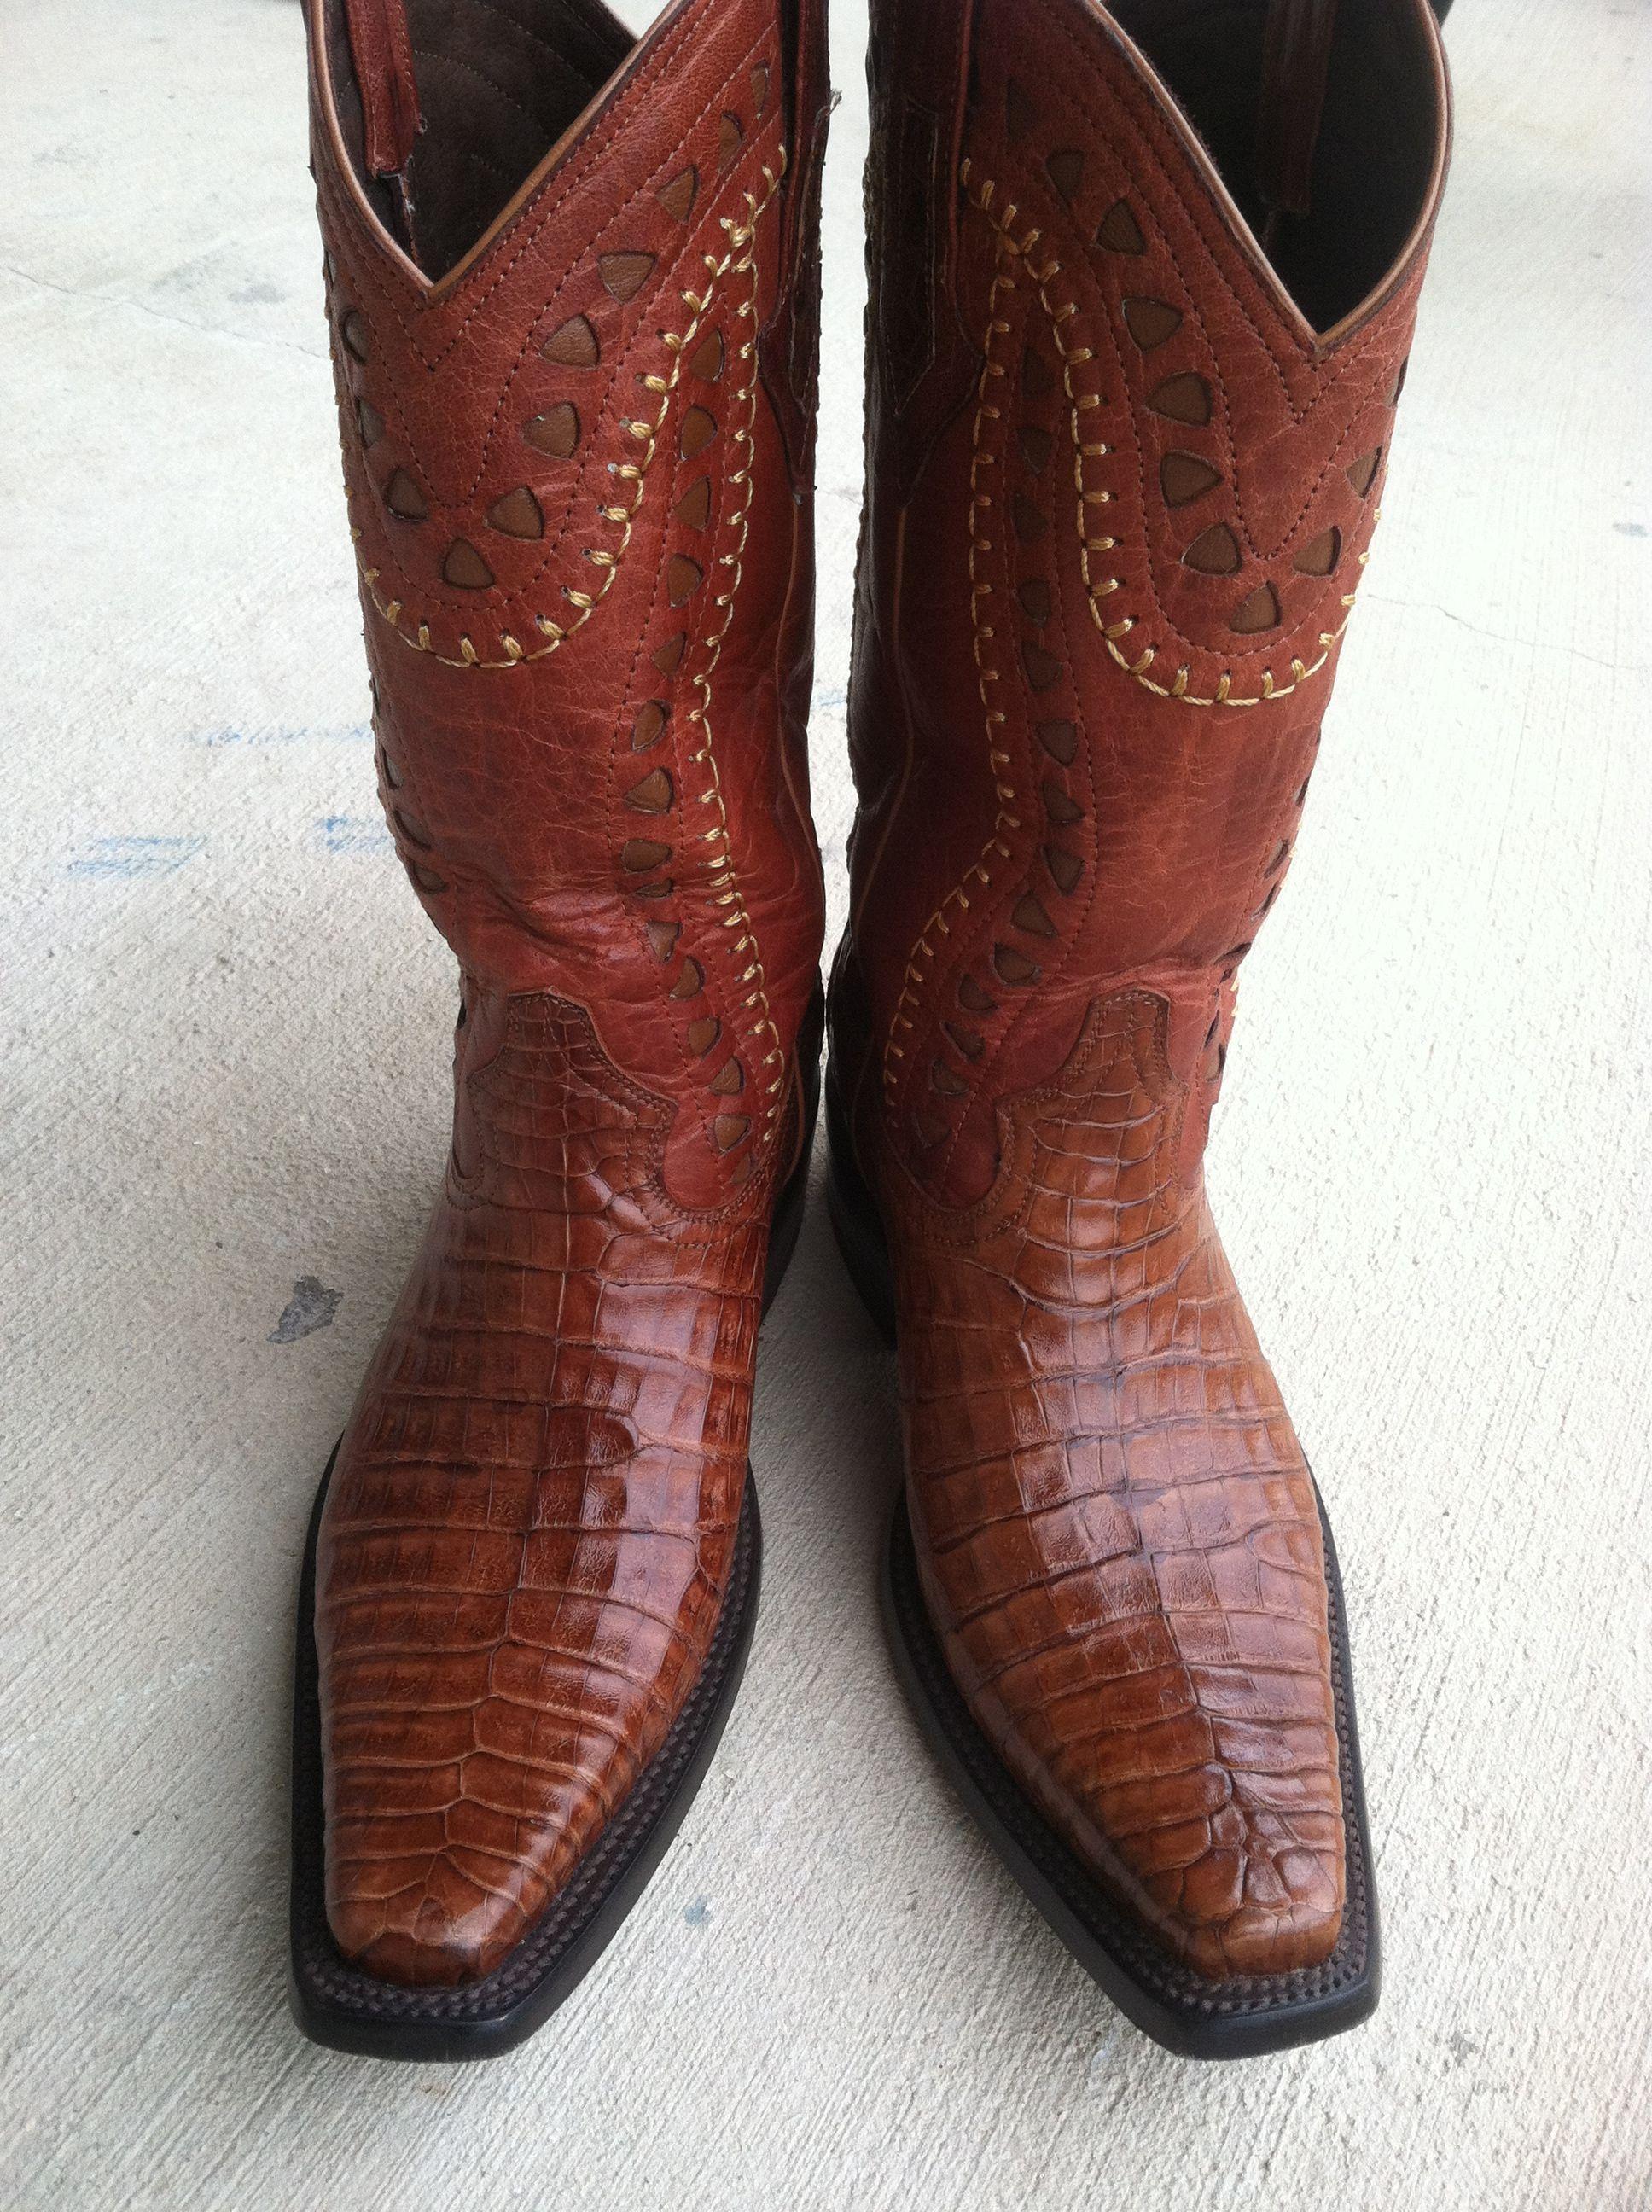 17c3e3dc8b1 Exotic crocodile handcrafted boots western style botas de piel cocodrilo  botas vaqueras jpg 1936x2592 Botas vaqueras